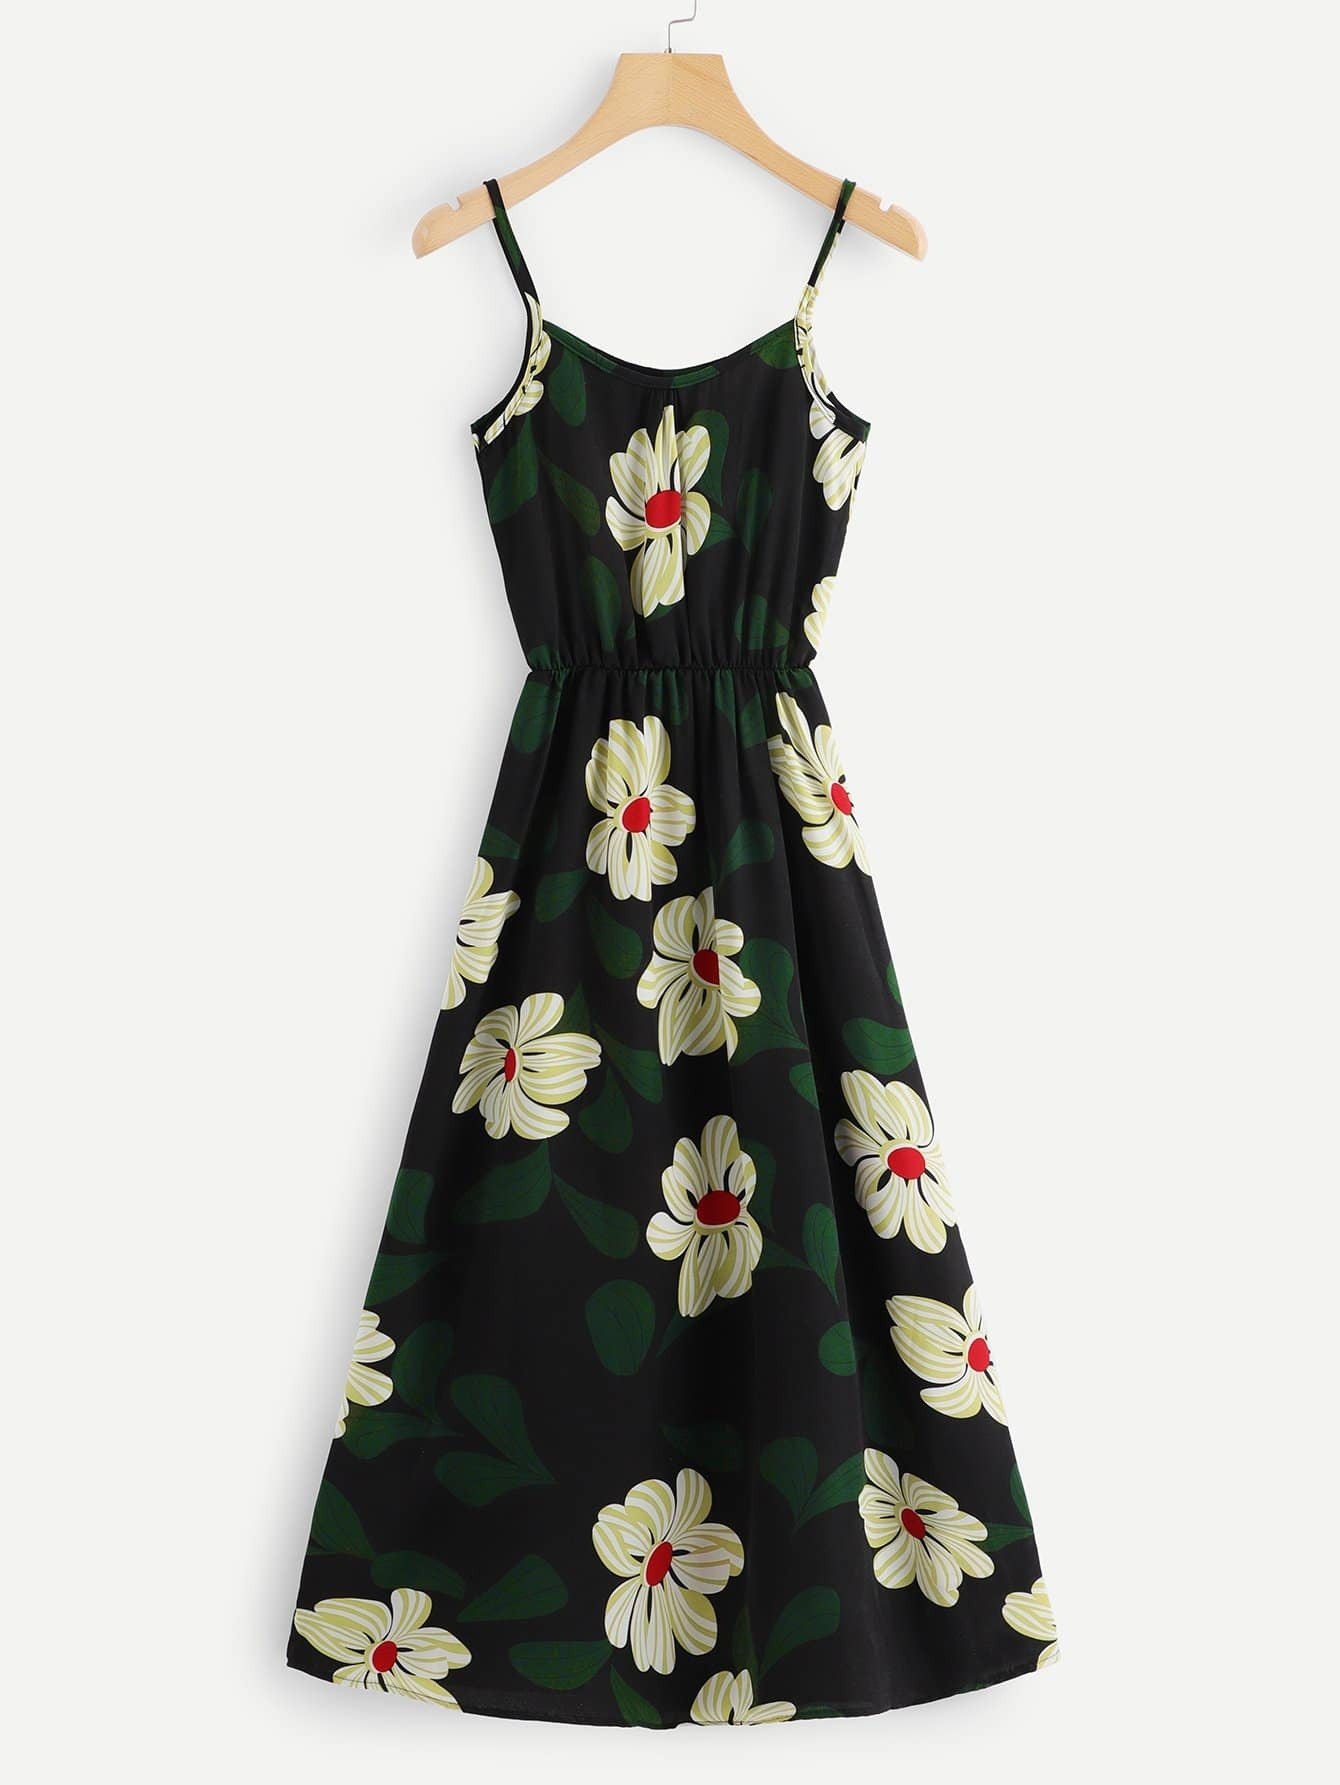 Купить Платье на бретелях и с рисунками цветов, null, SheIn